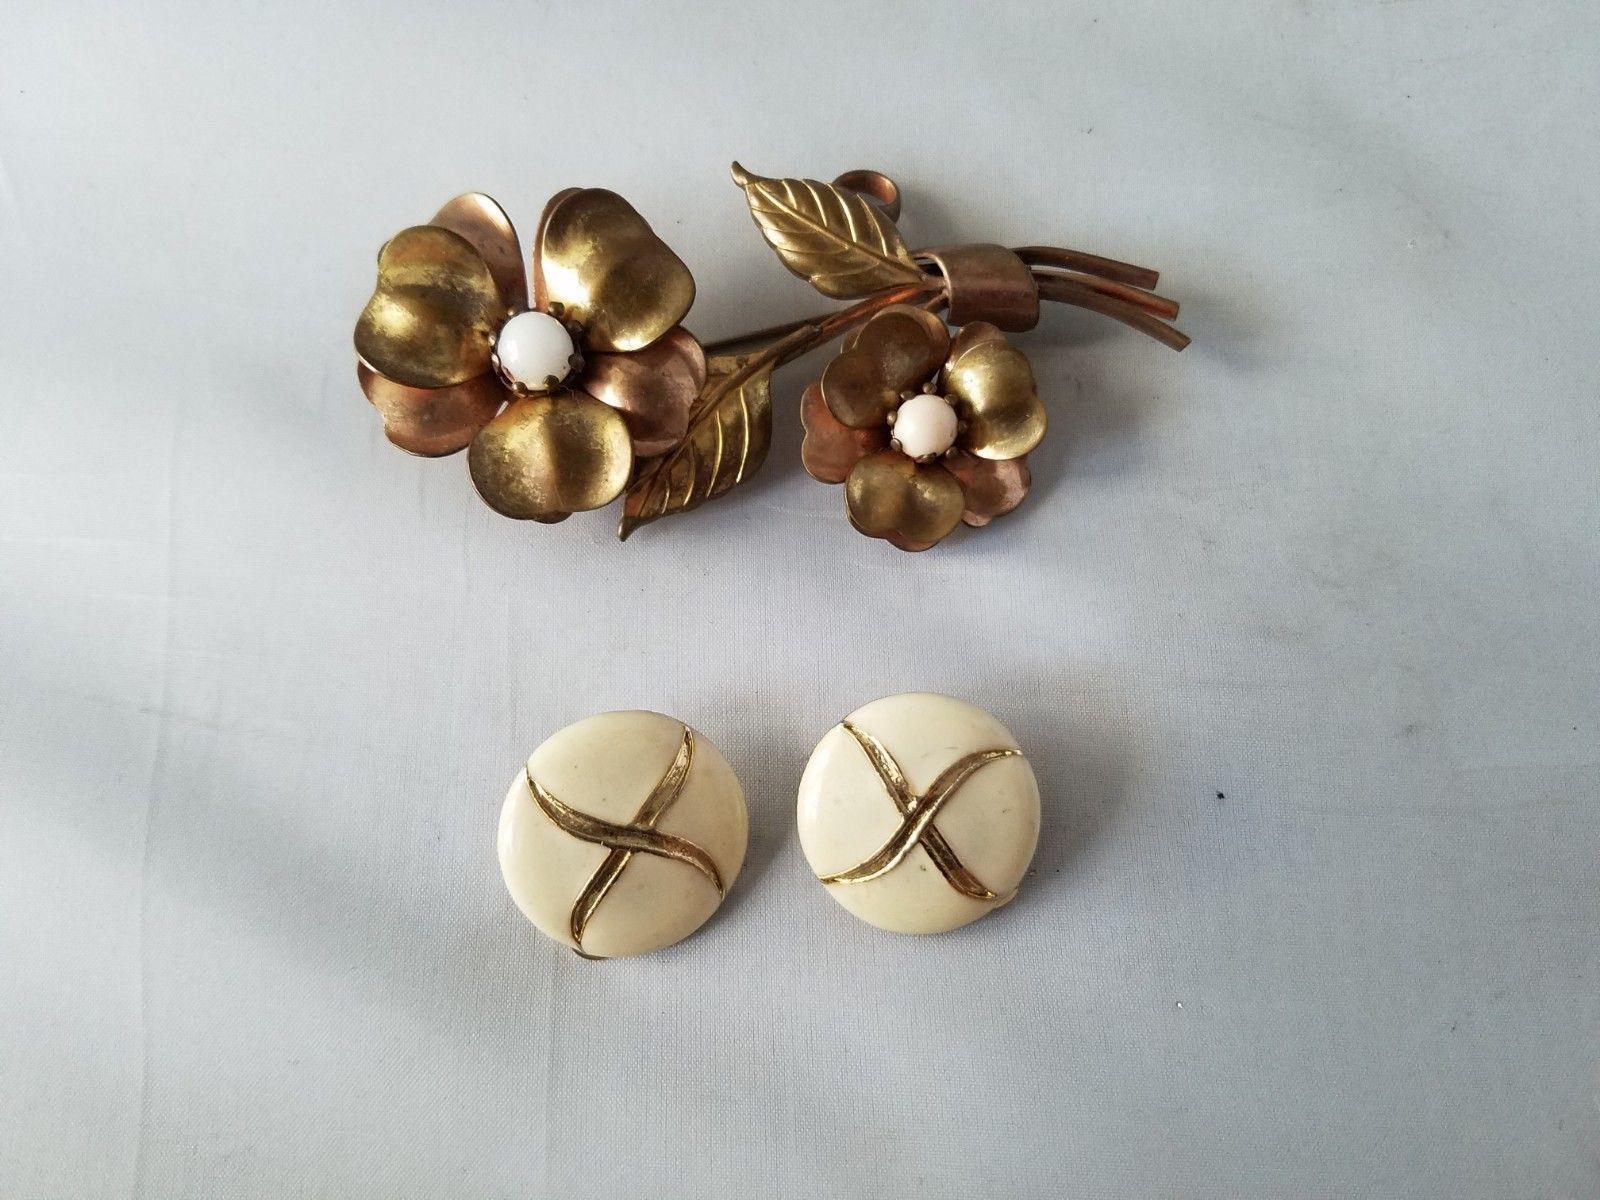 Vintage Women's Brooch Copper Flowers & Matching Clip On Earrings Enamel Retro